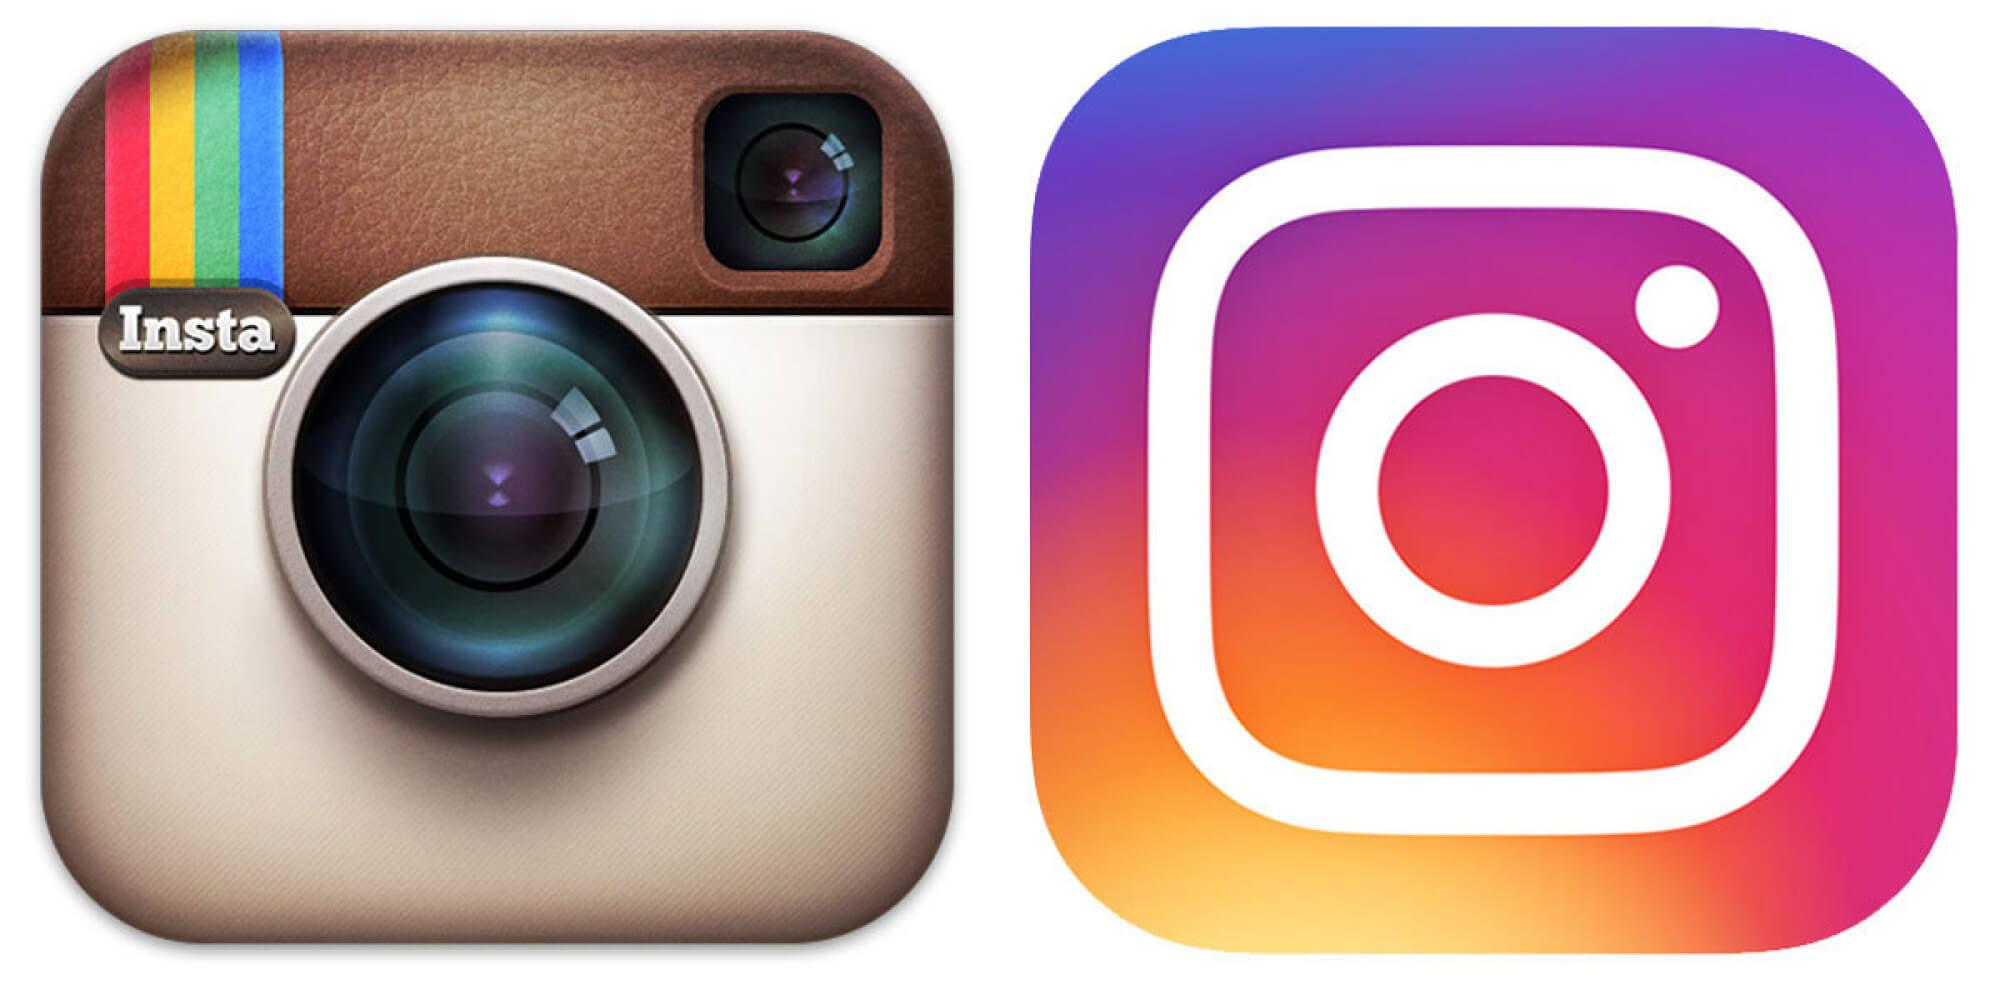 Cambio de logotipo de Instagram